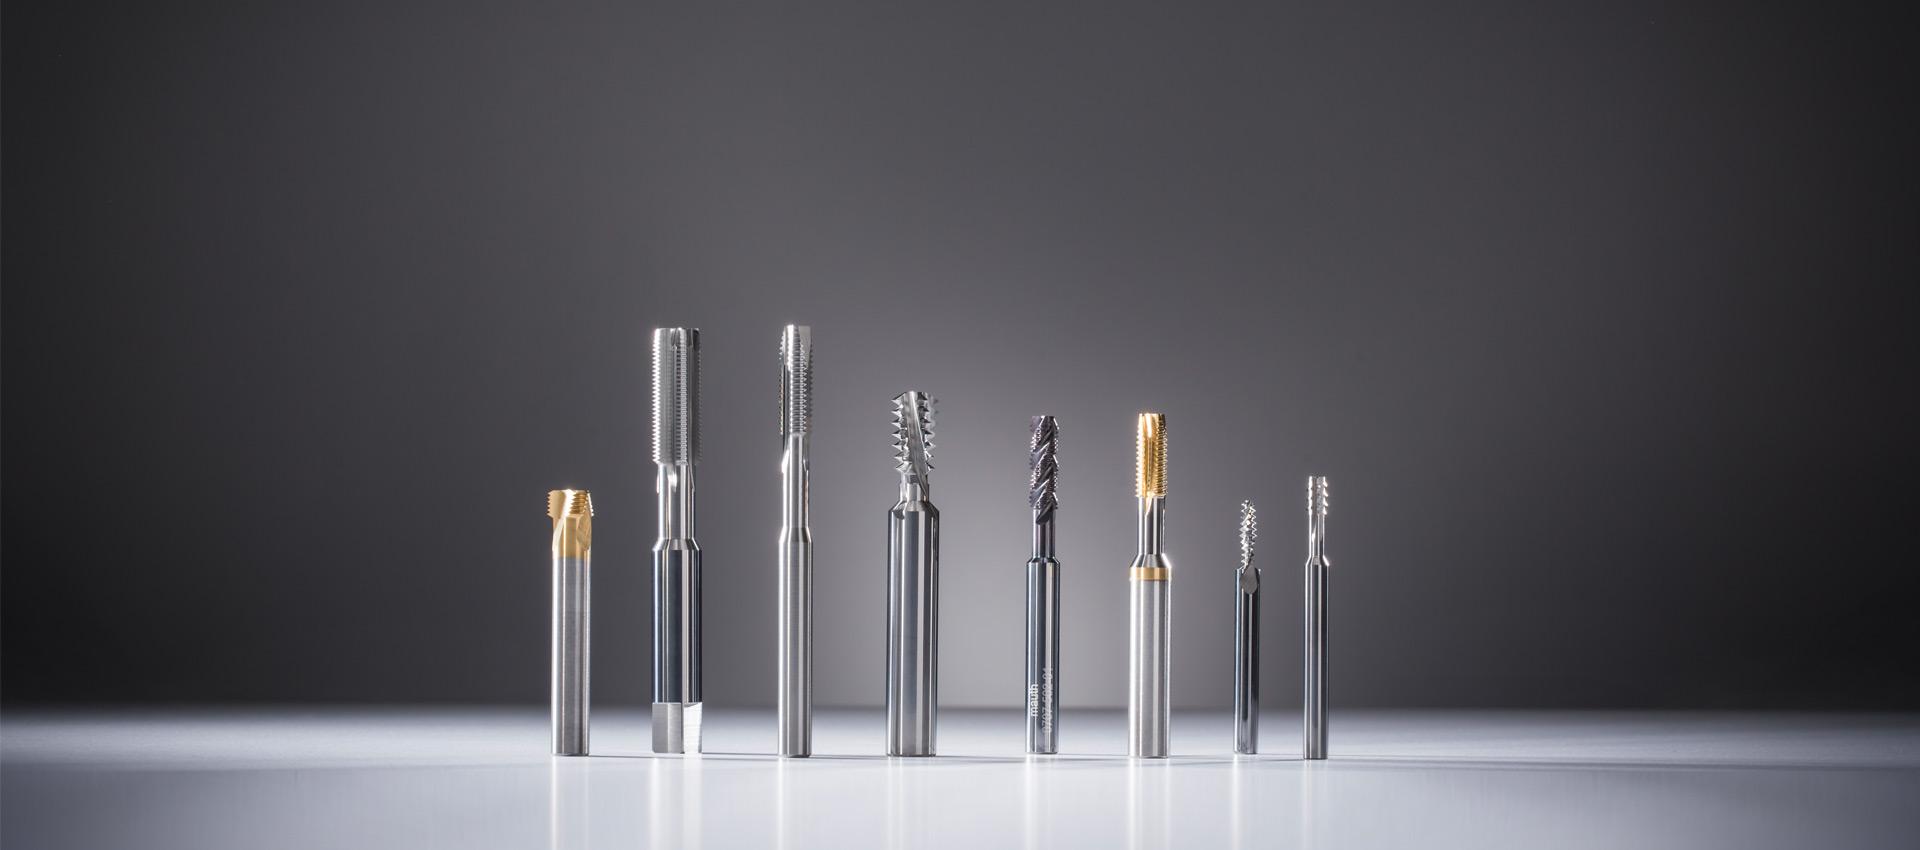 Mauth Werkzeuglösungen - Gewinde